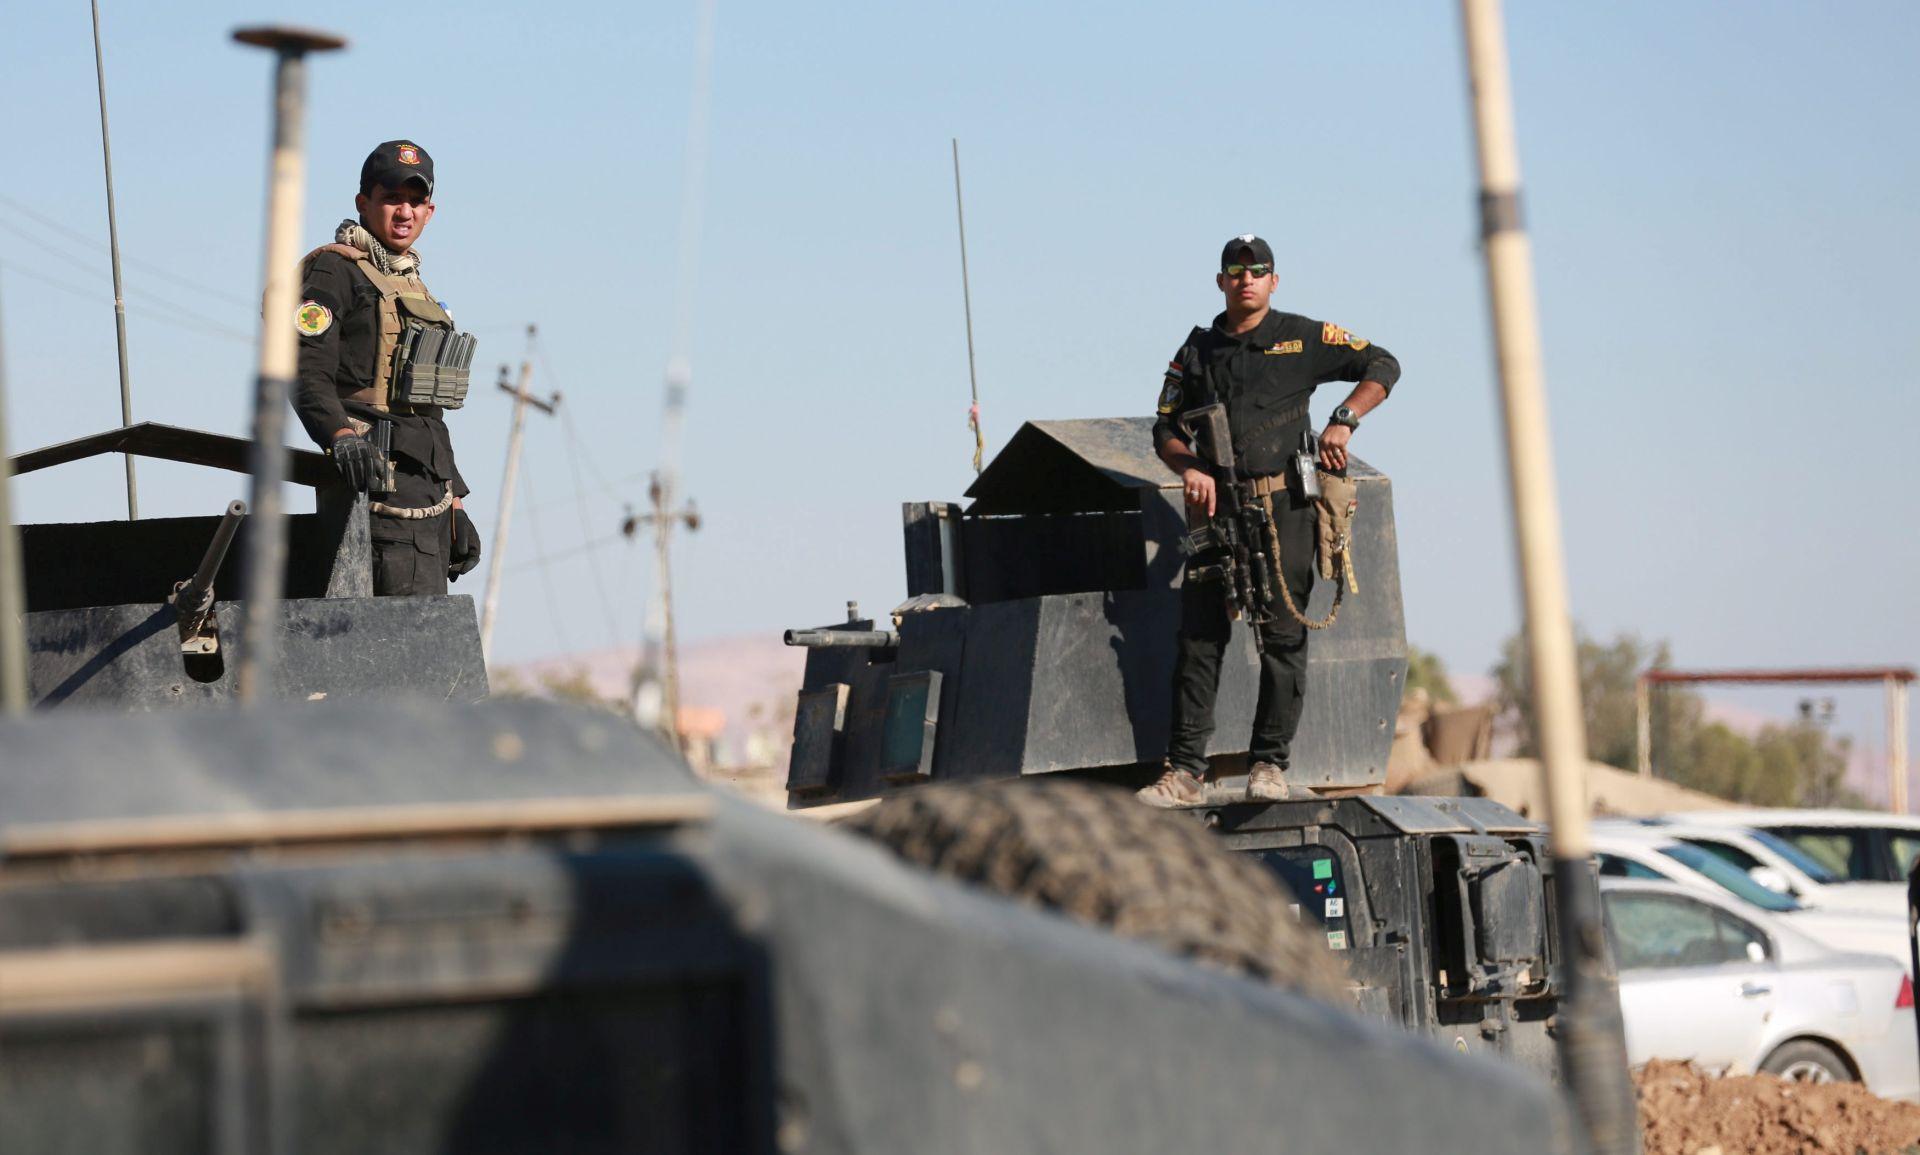 IRAK Borbe za posljednji grad prije Mosula